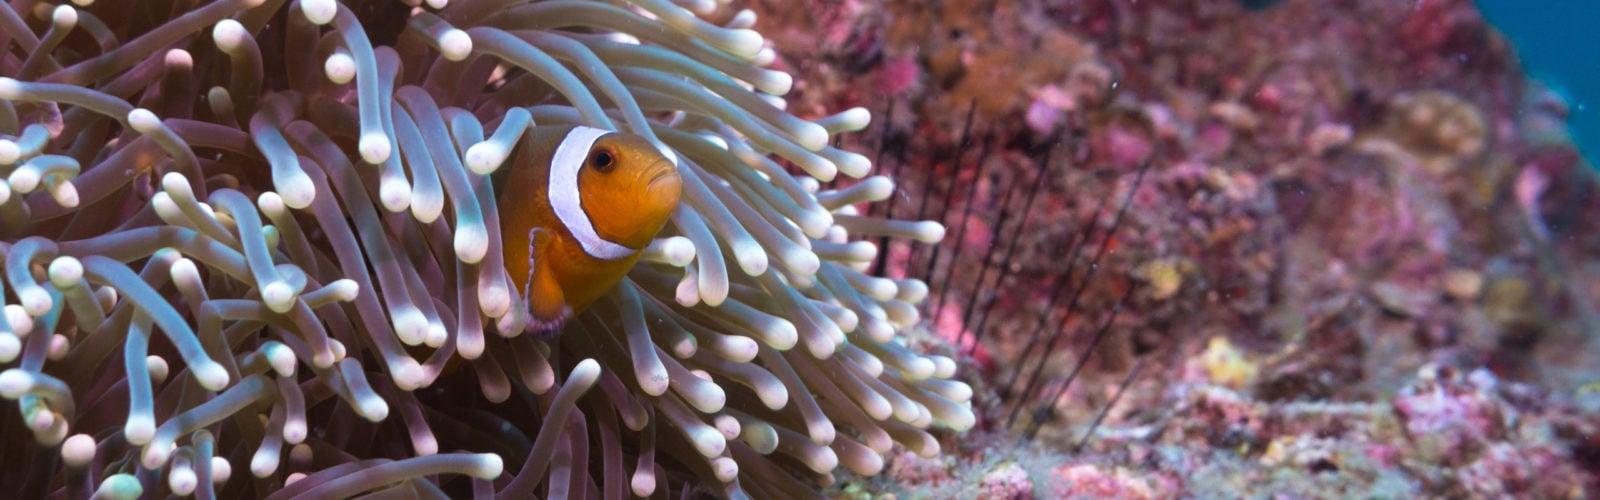 thailand-clown-fish